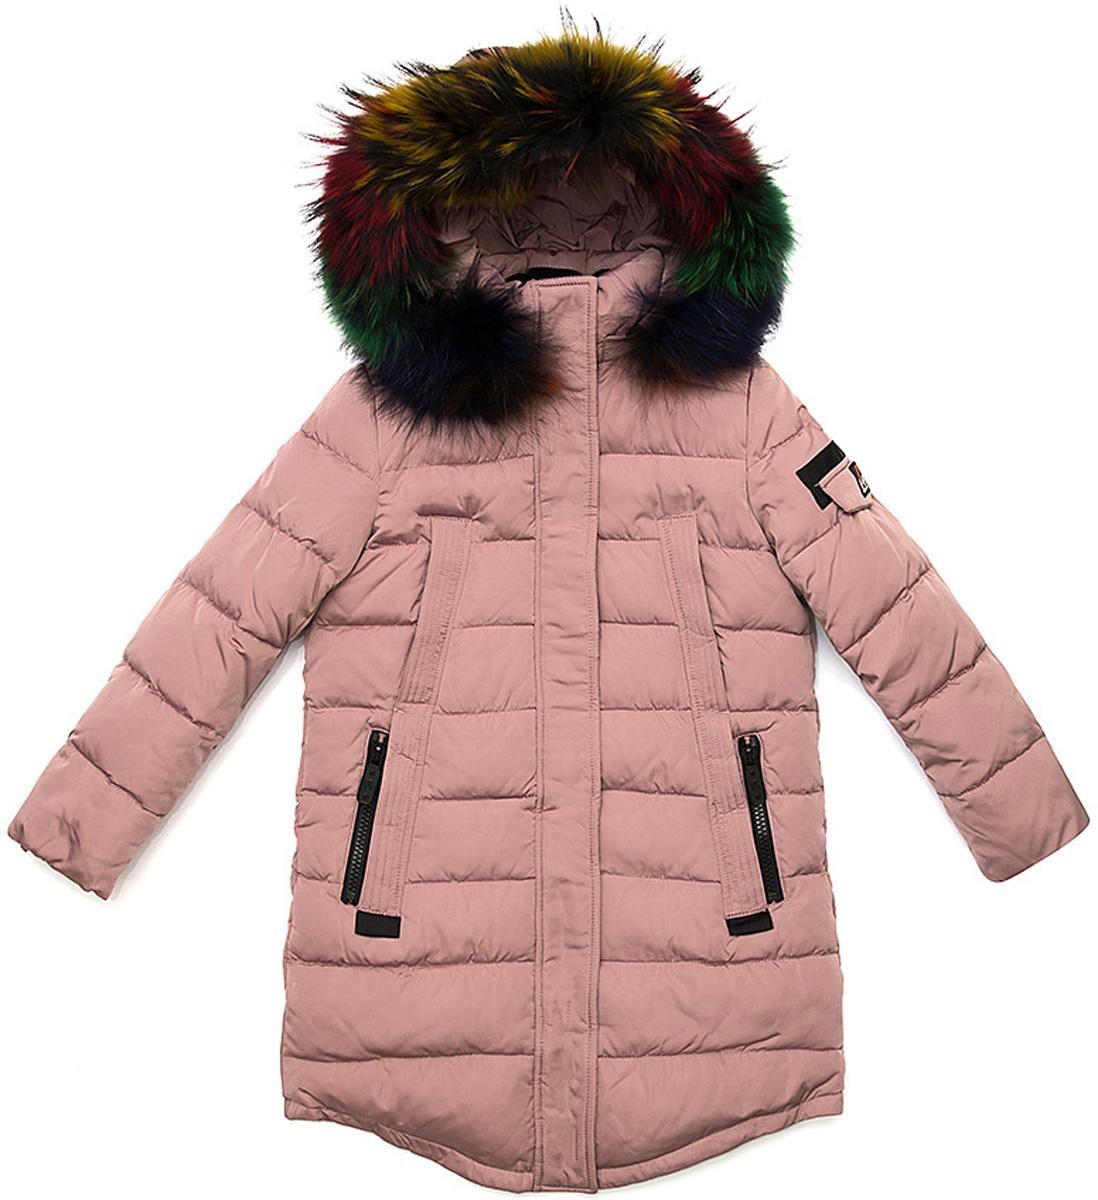 Куртка для девочки Vitacci, цвет: розовый. 2171457-11. Размер 1602171457-11Удлиненная куртка для девочки Vitacci, изготовленная из полиэстера, станет стильнымдополнением к детскому гардеробу.Подкладка выполнена из полиэстера и дополнительно утеплена флисом по спинке. В качестве утеплителя используется биопух.Модель застегивается на пластиковую застежку-молнию. Имеет ветрозащитную планку и съемный капюшон с отделкой из натурального разноцветного меха.Температурный режим от -10 до -25 градусов.Теплая, удобная и практичная куртка идеально подойдет юной моднице для прогулок!